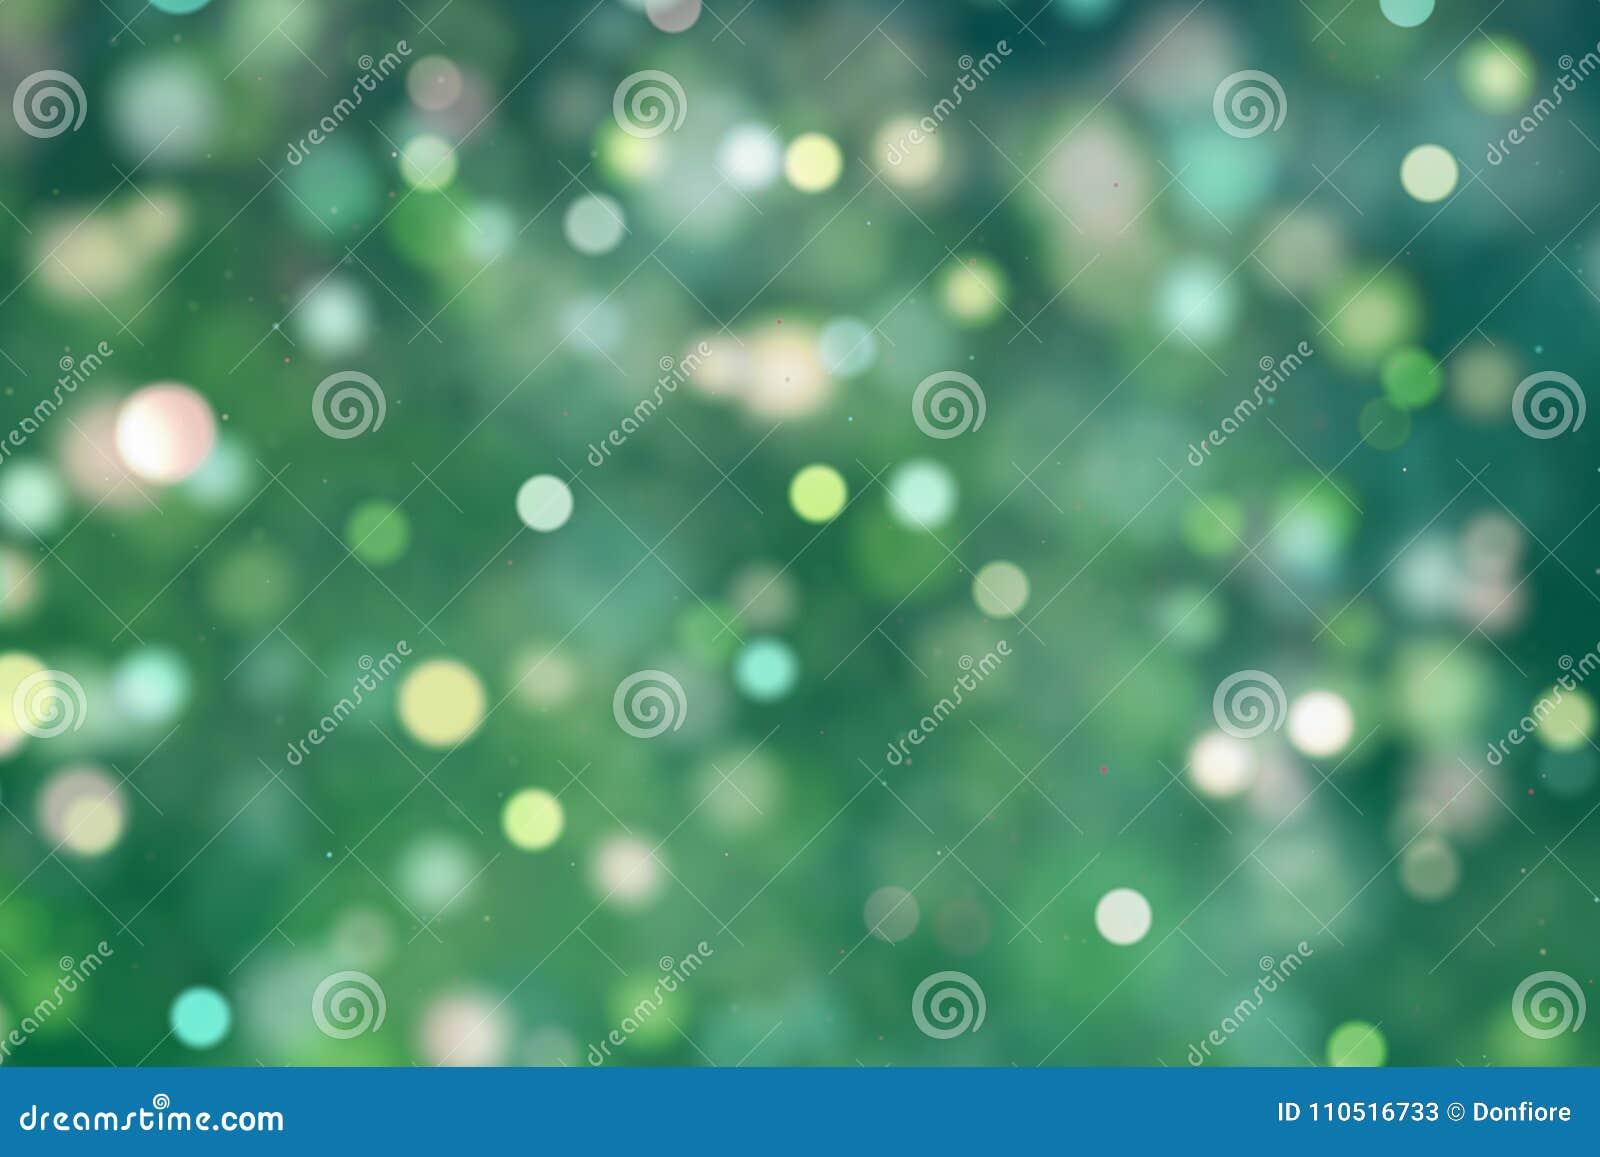 Sfondi natale verdi